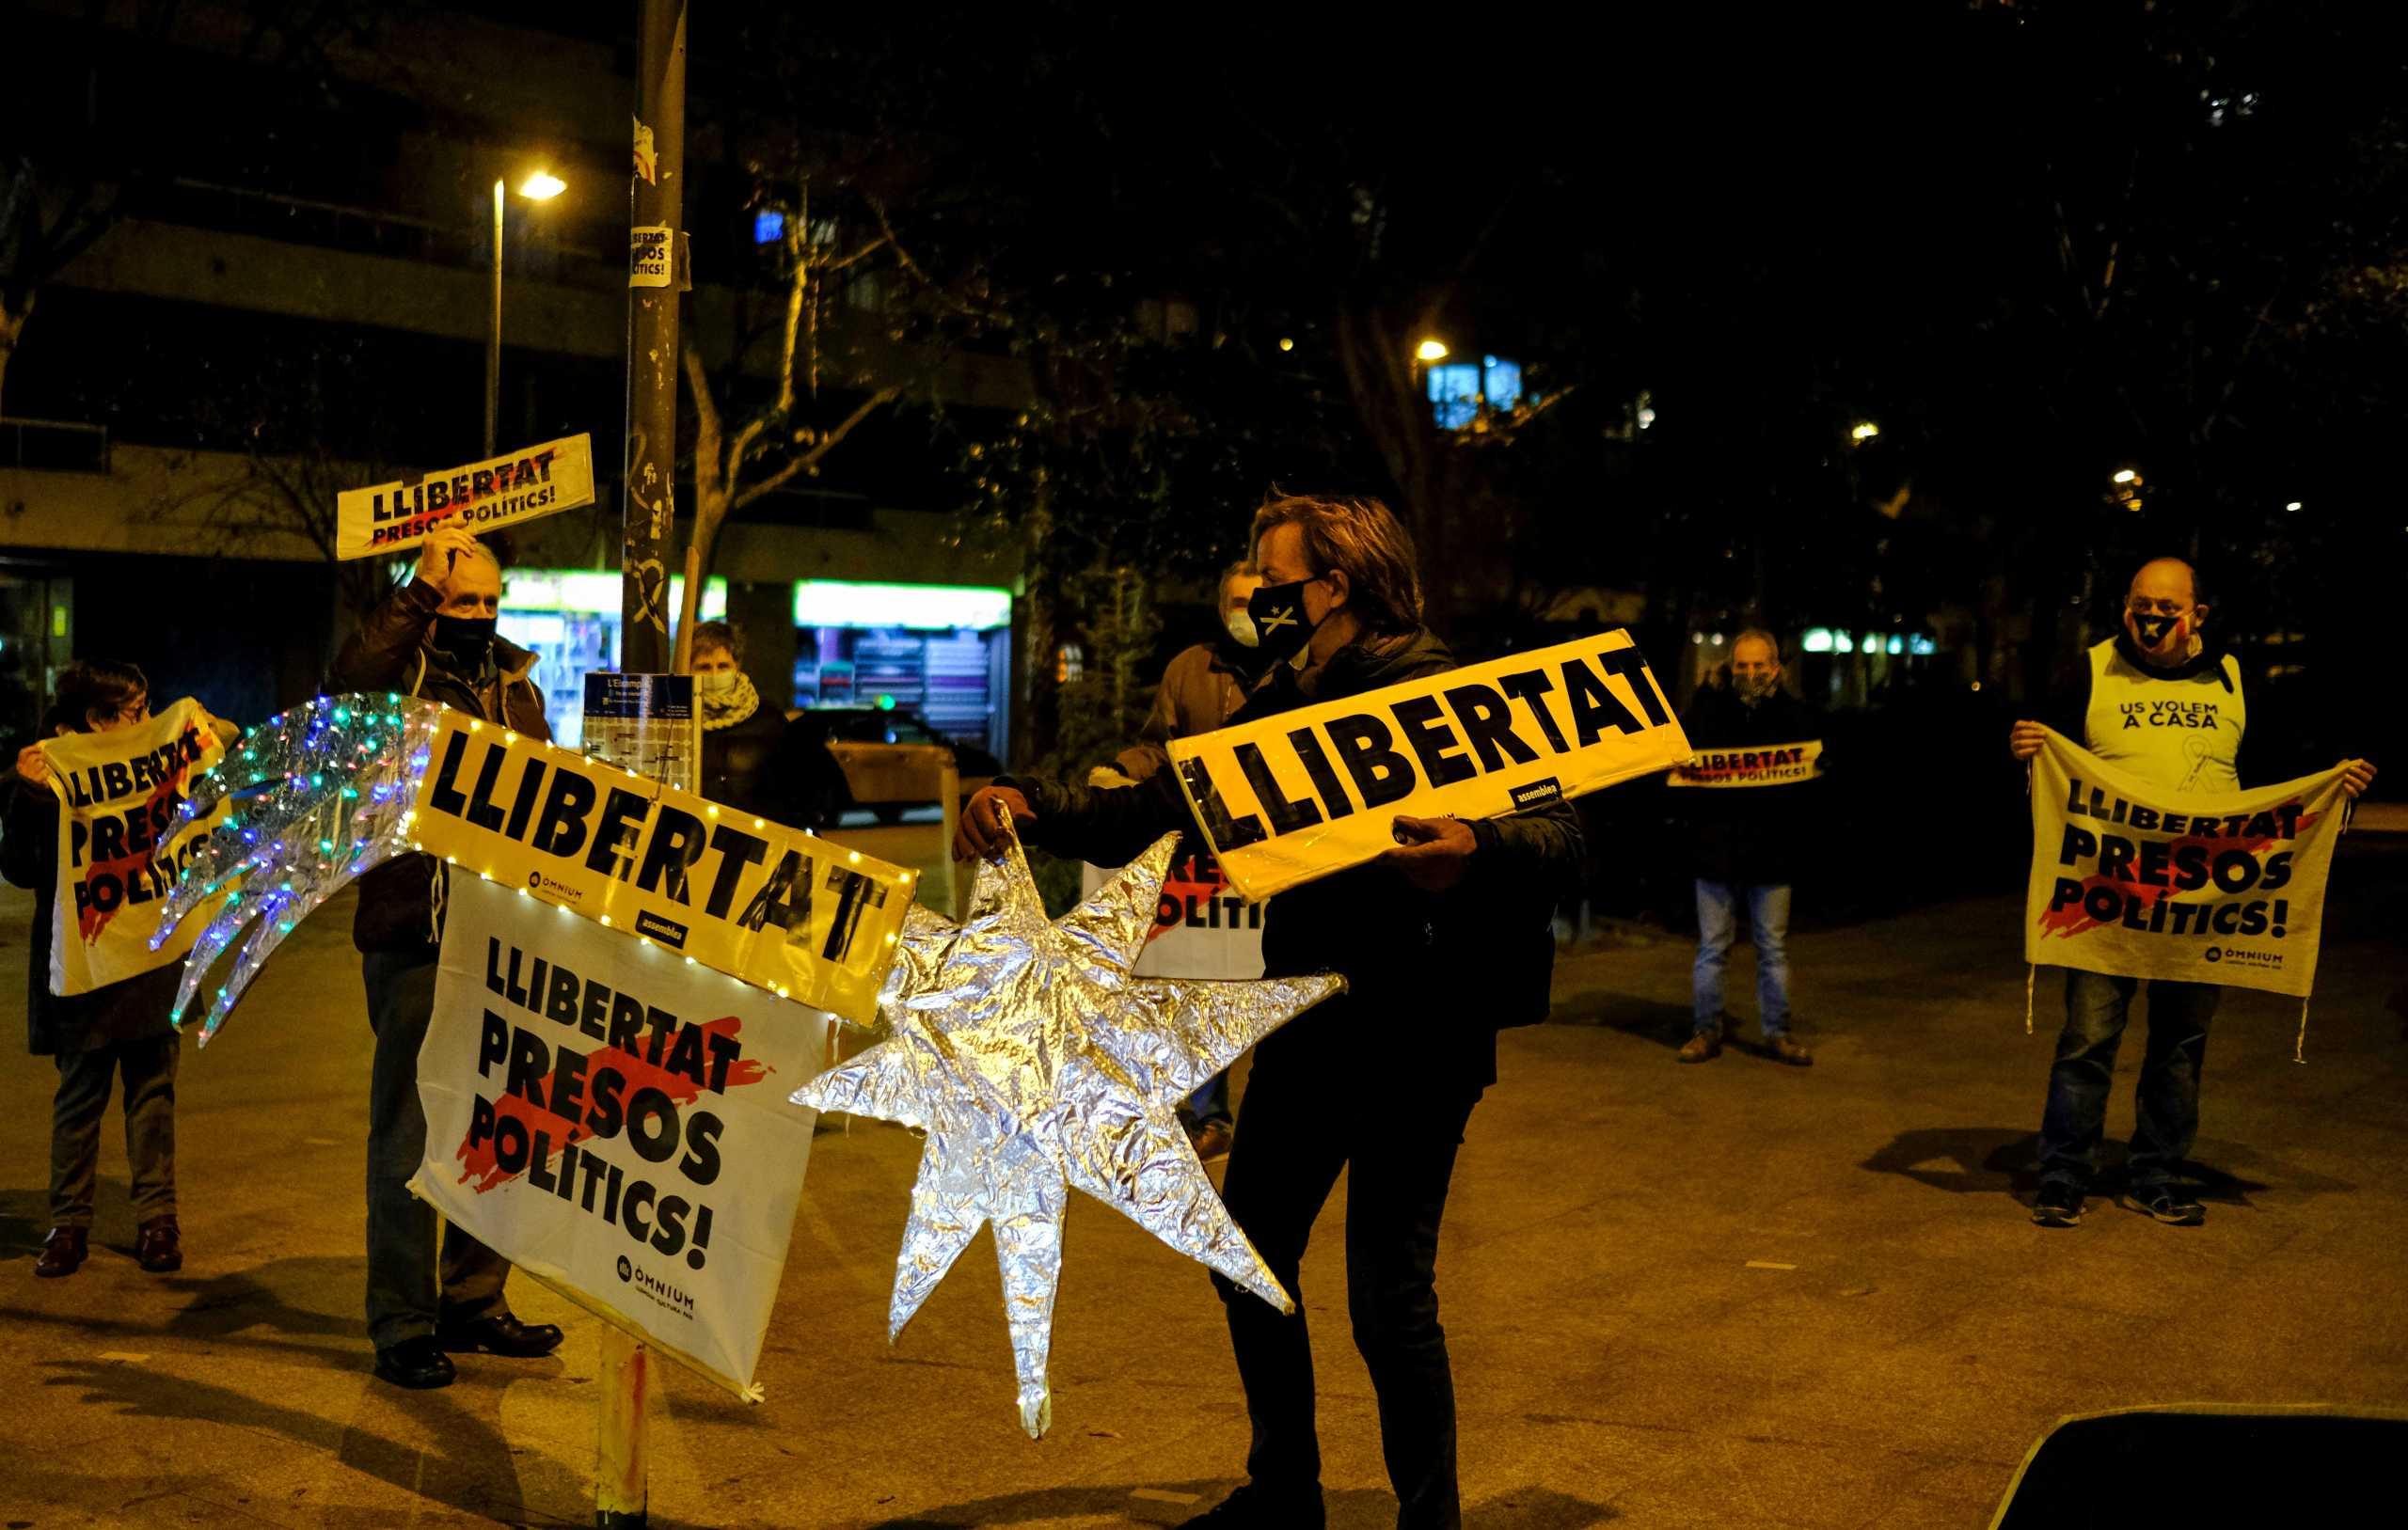 Καταλονία: Ο κορονοϊός ανέβαλλε τις περιφερειακές εκλογές